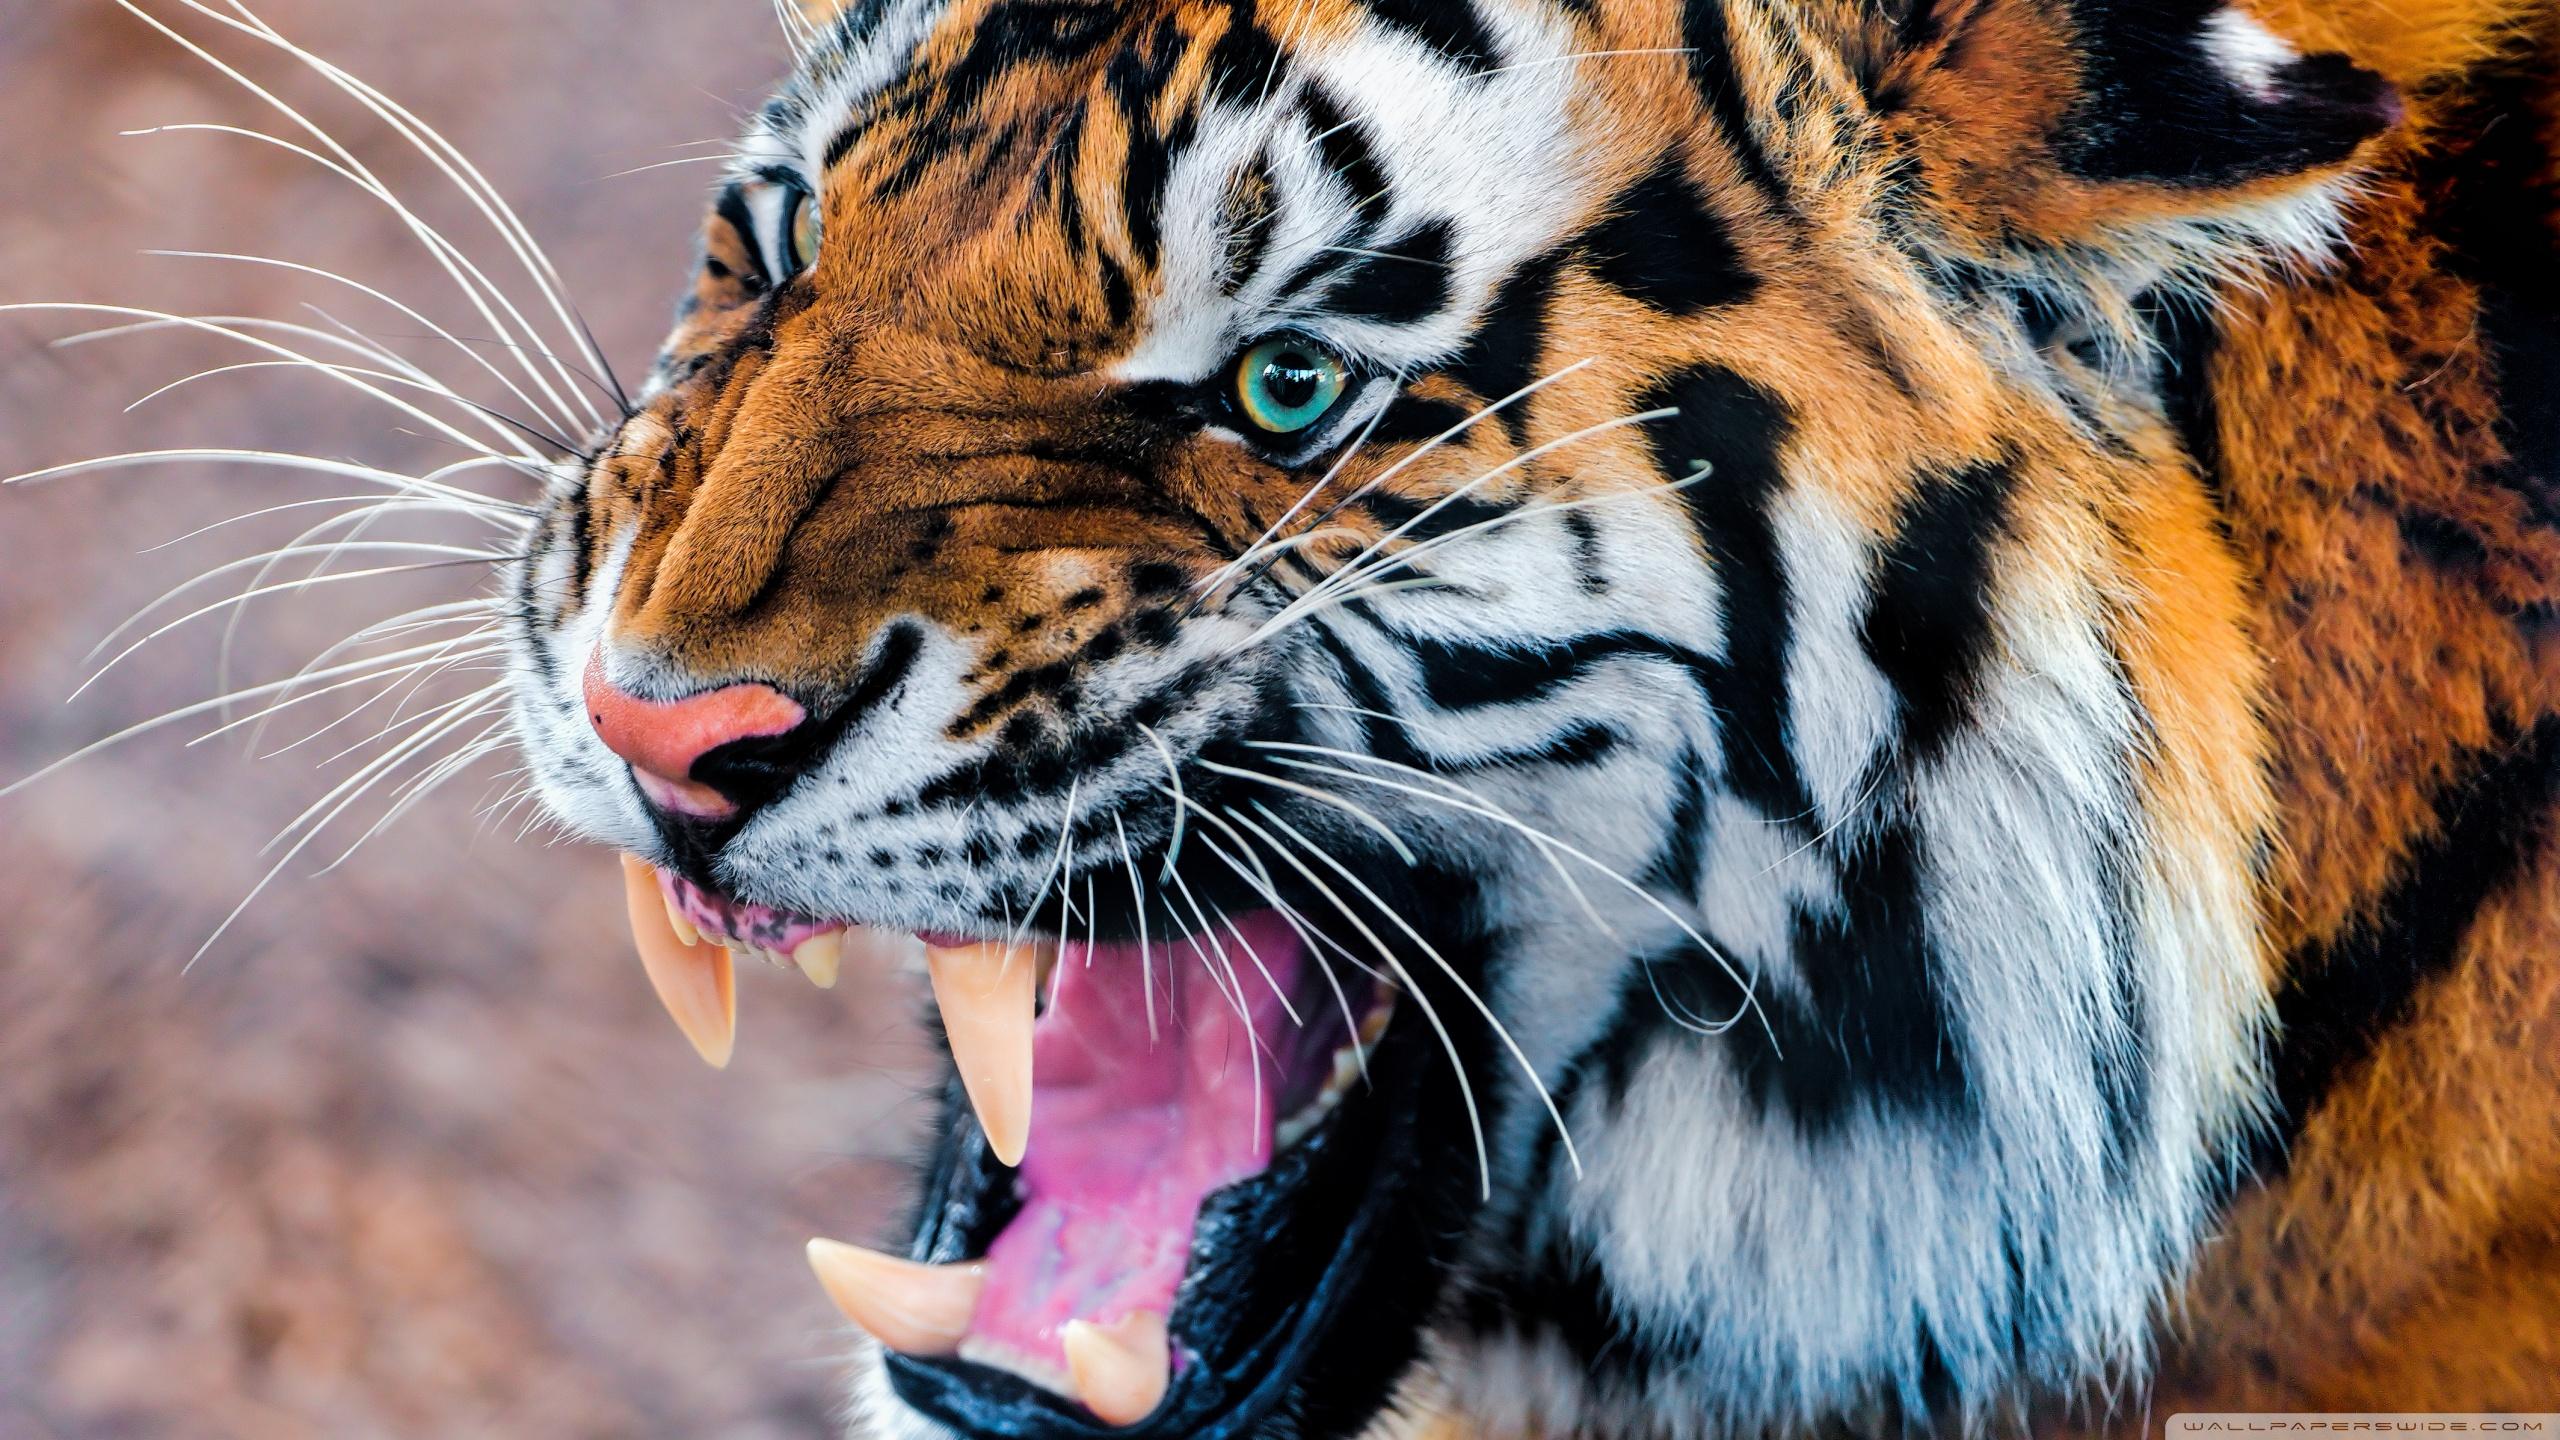 snarling_tiger-wallpaper-2560x1440